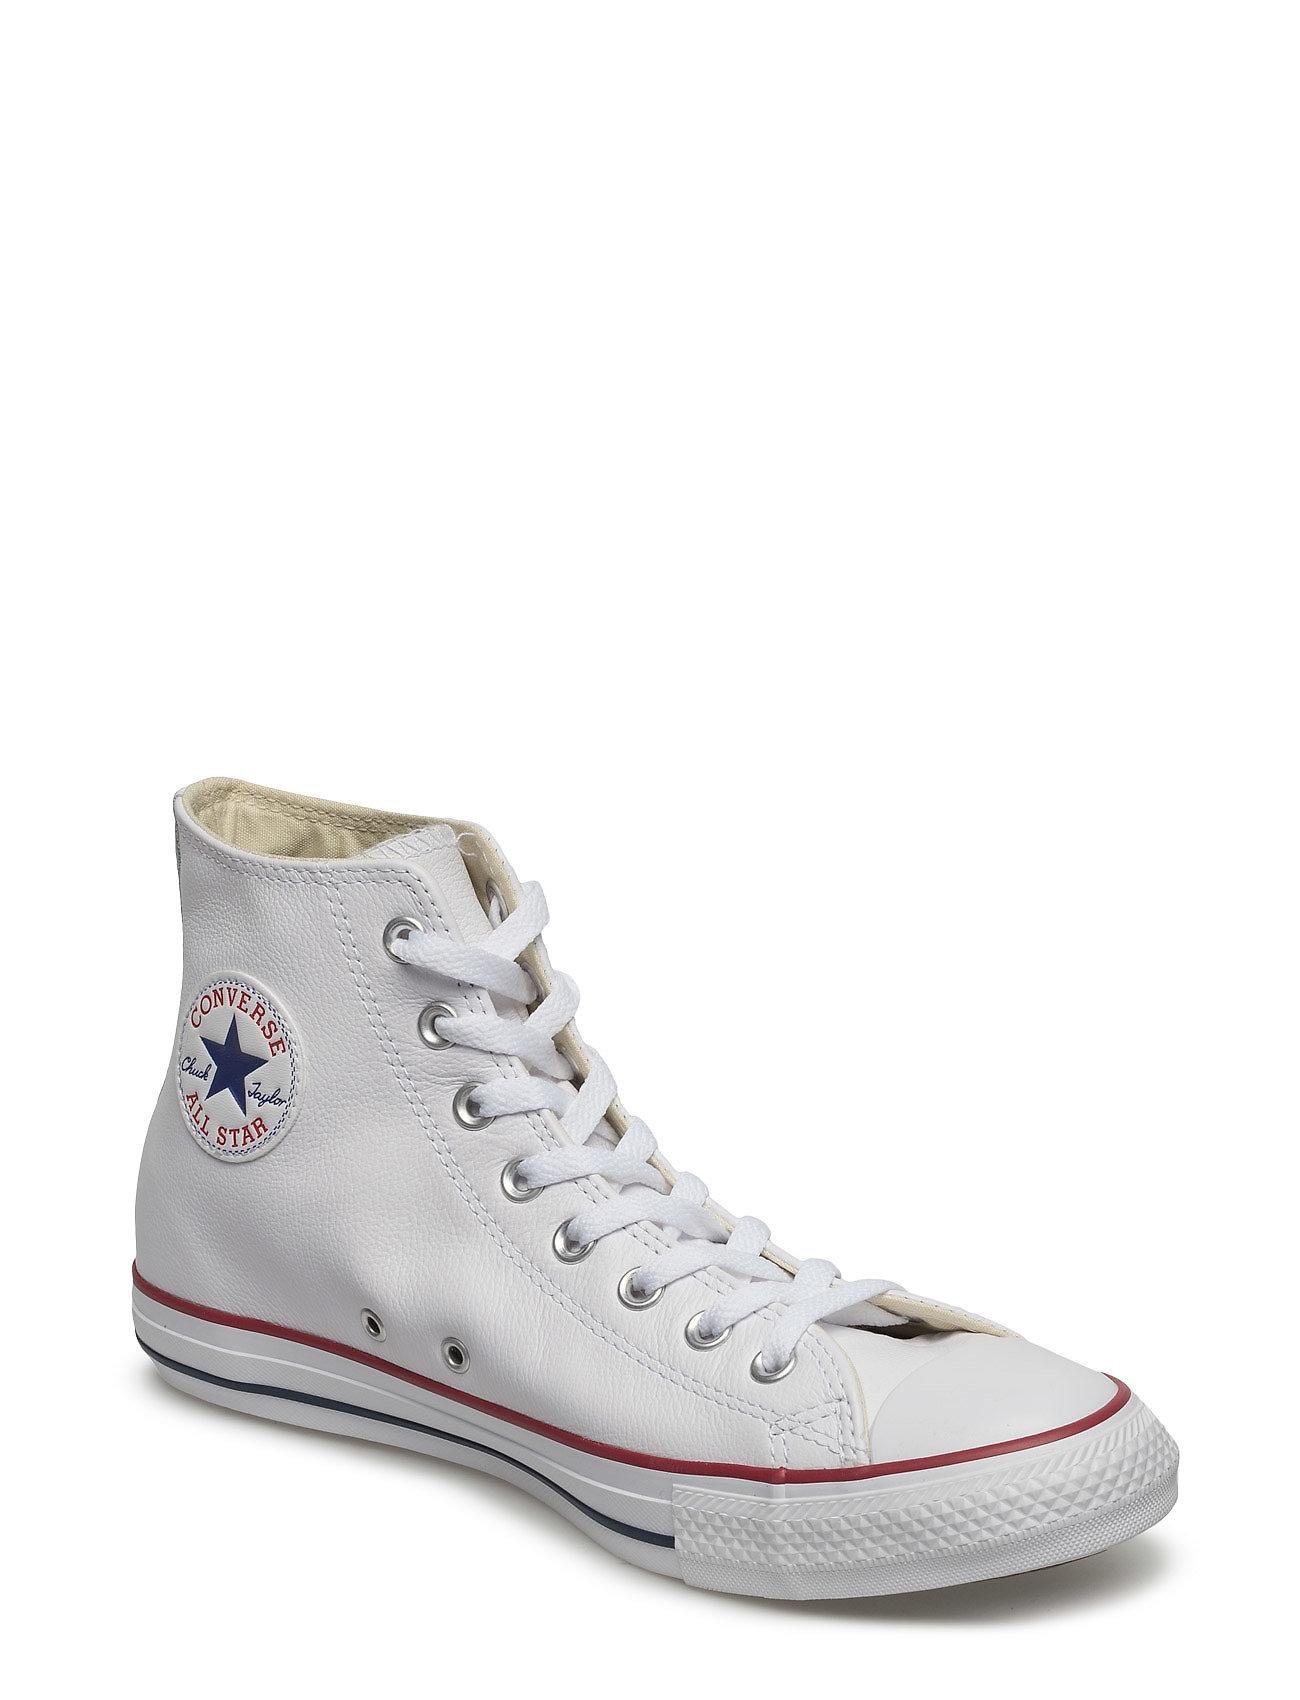 Ct Hi White Converse Sneakers til Herrer i hvid